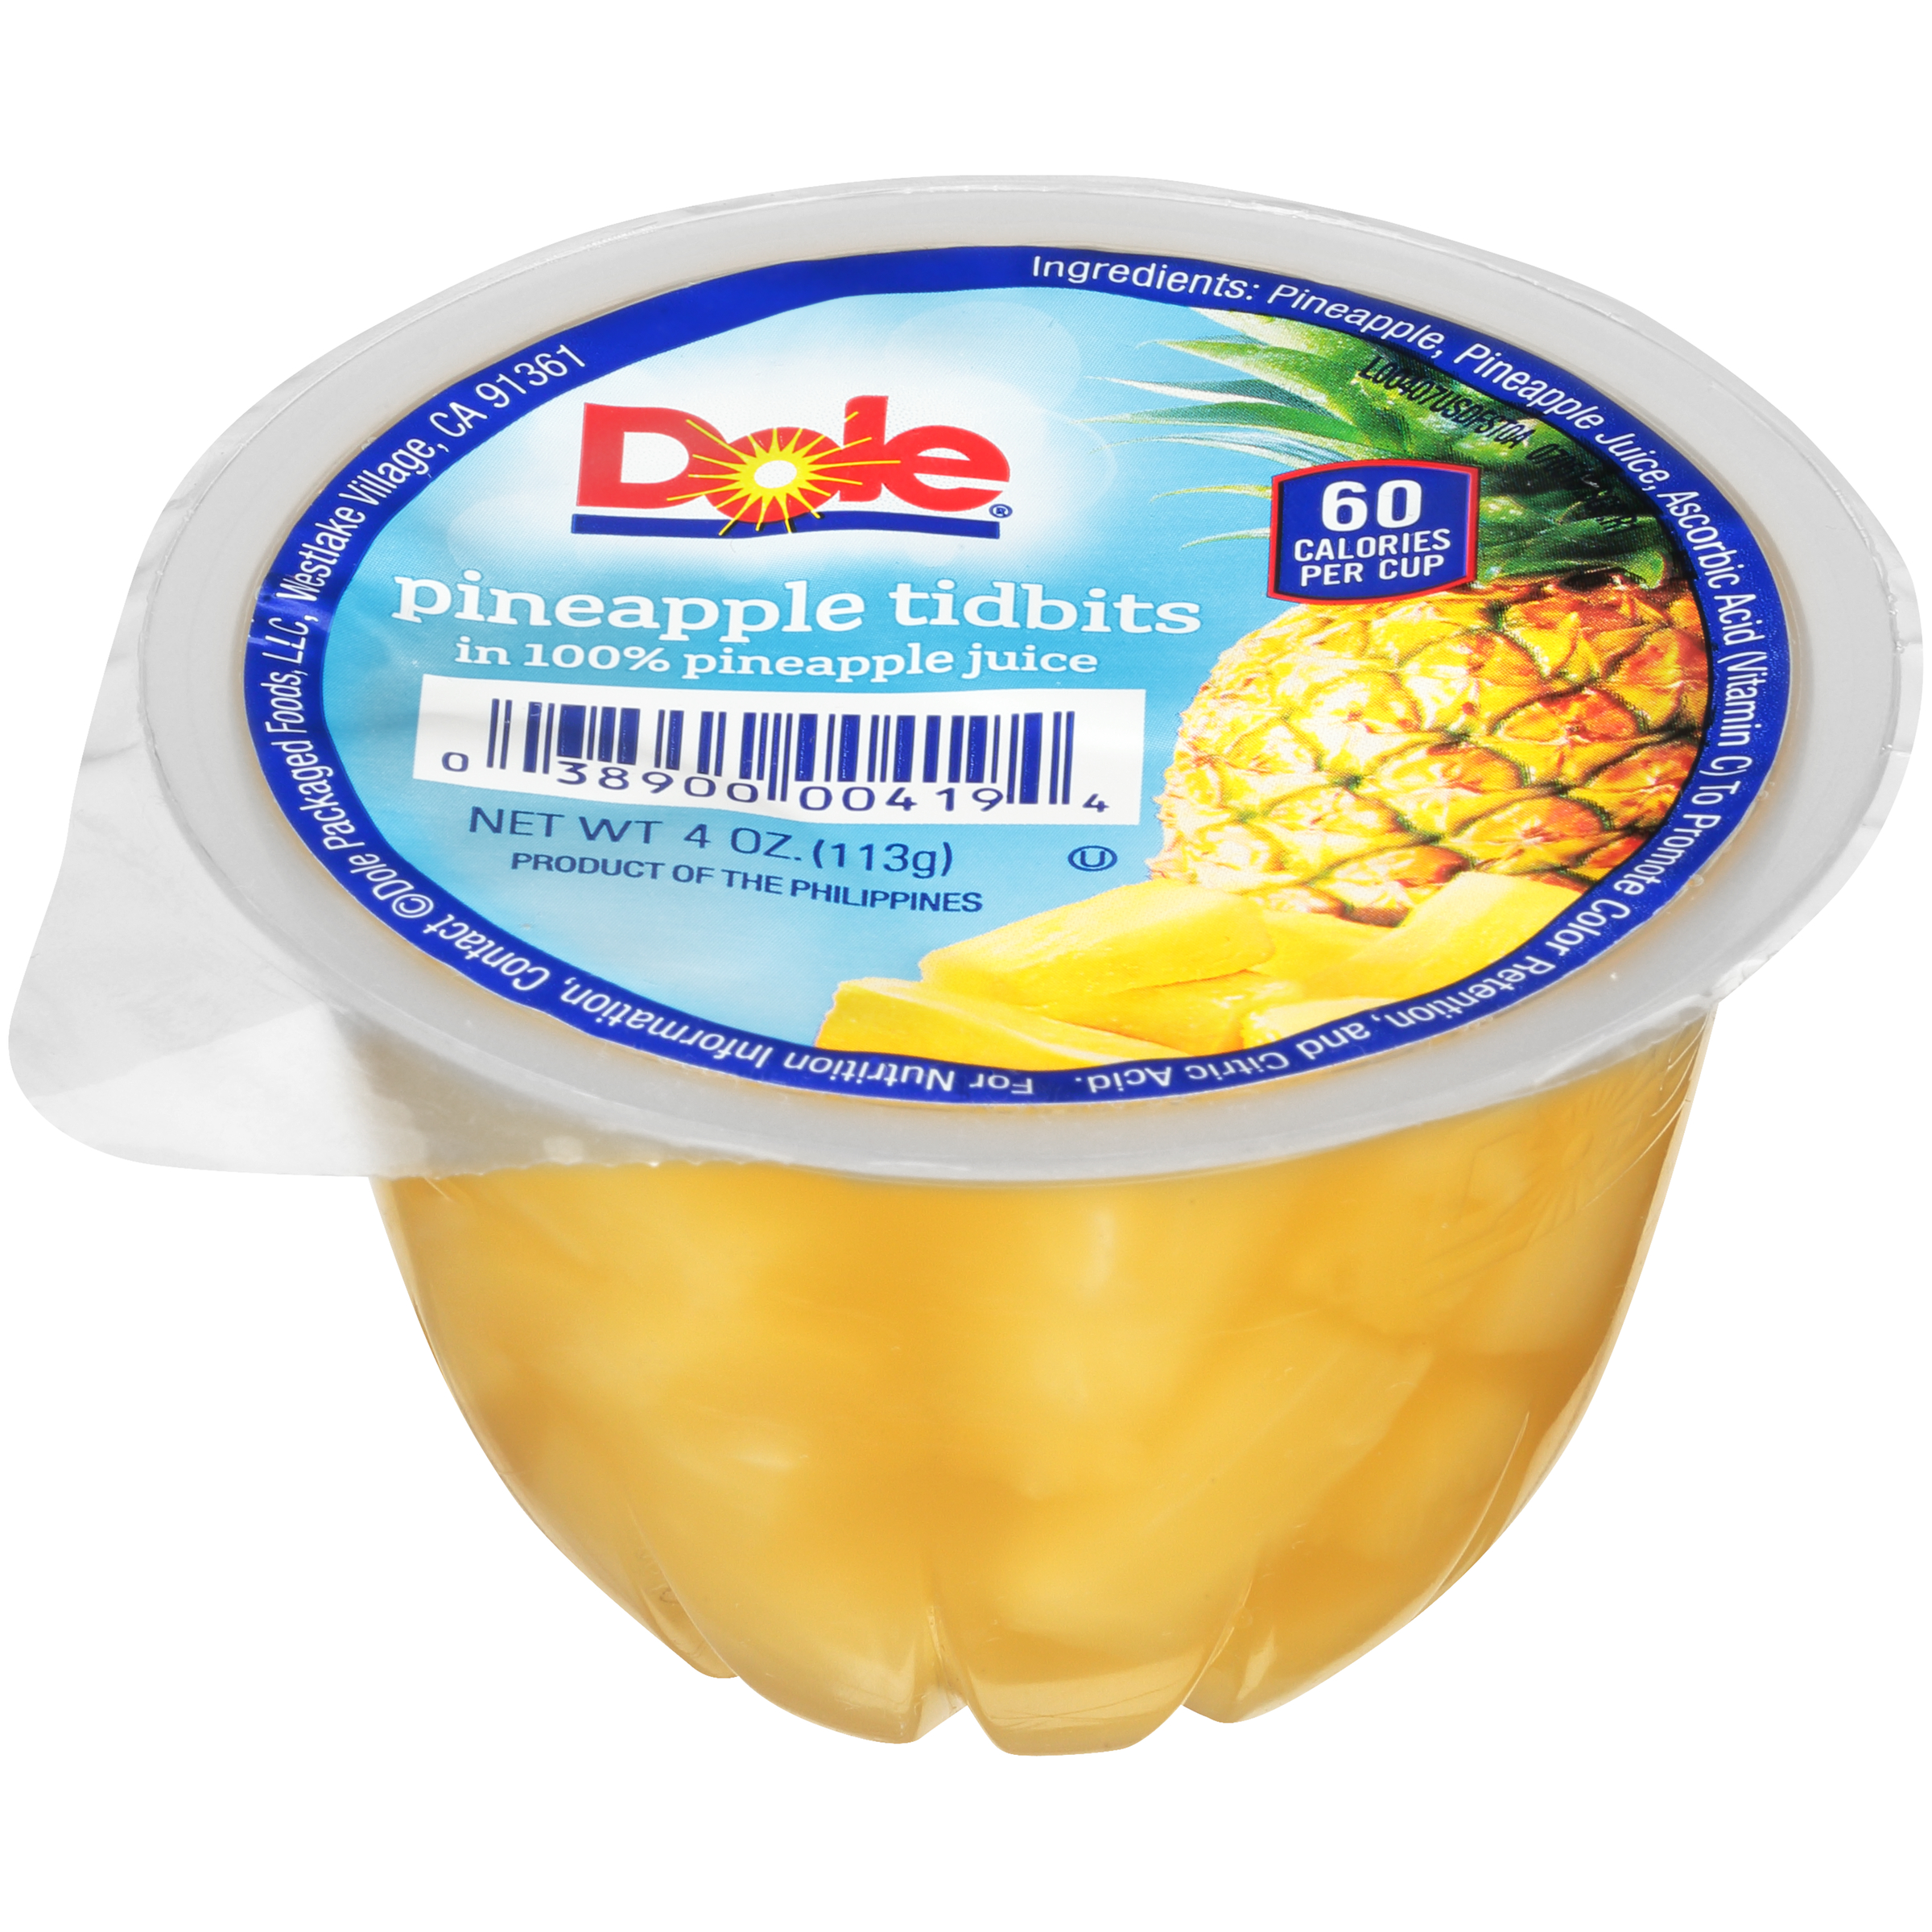 36/4 Oz. Pineapple Tidbits In Juice